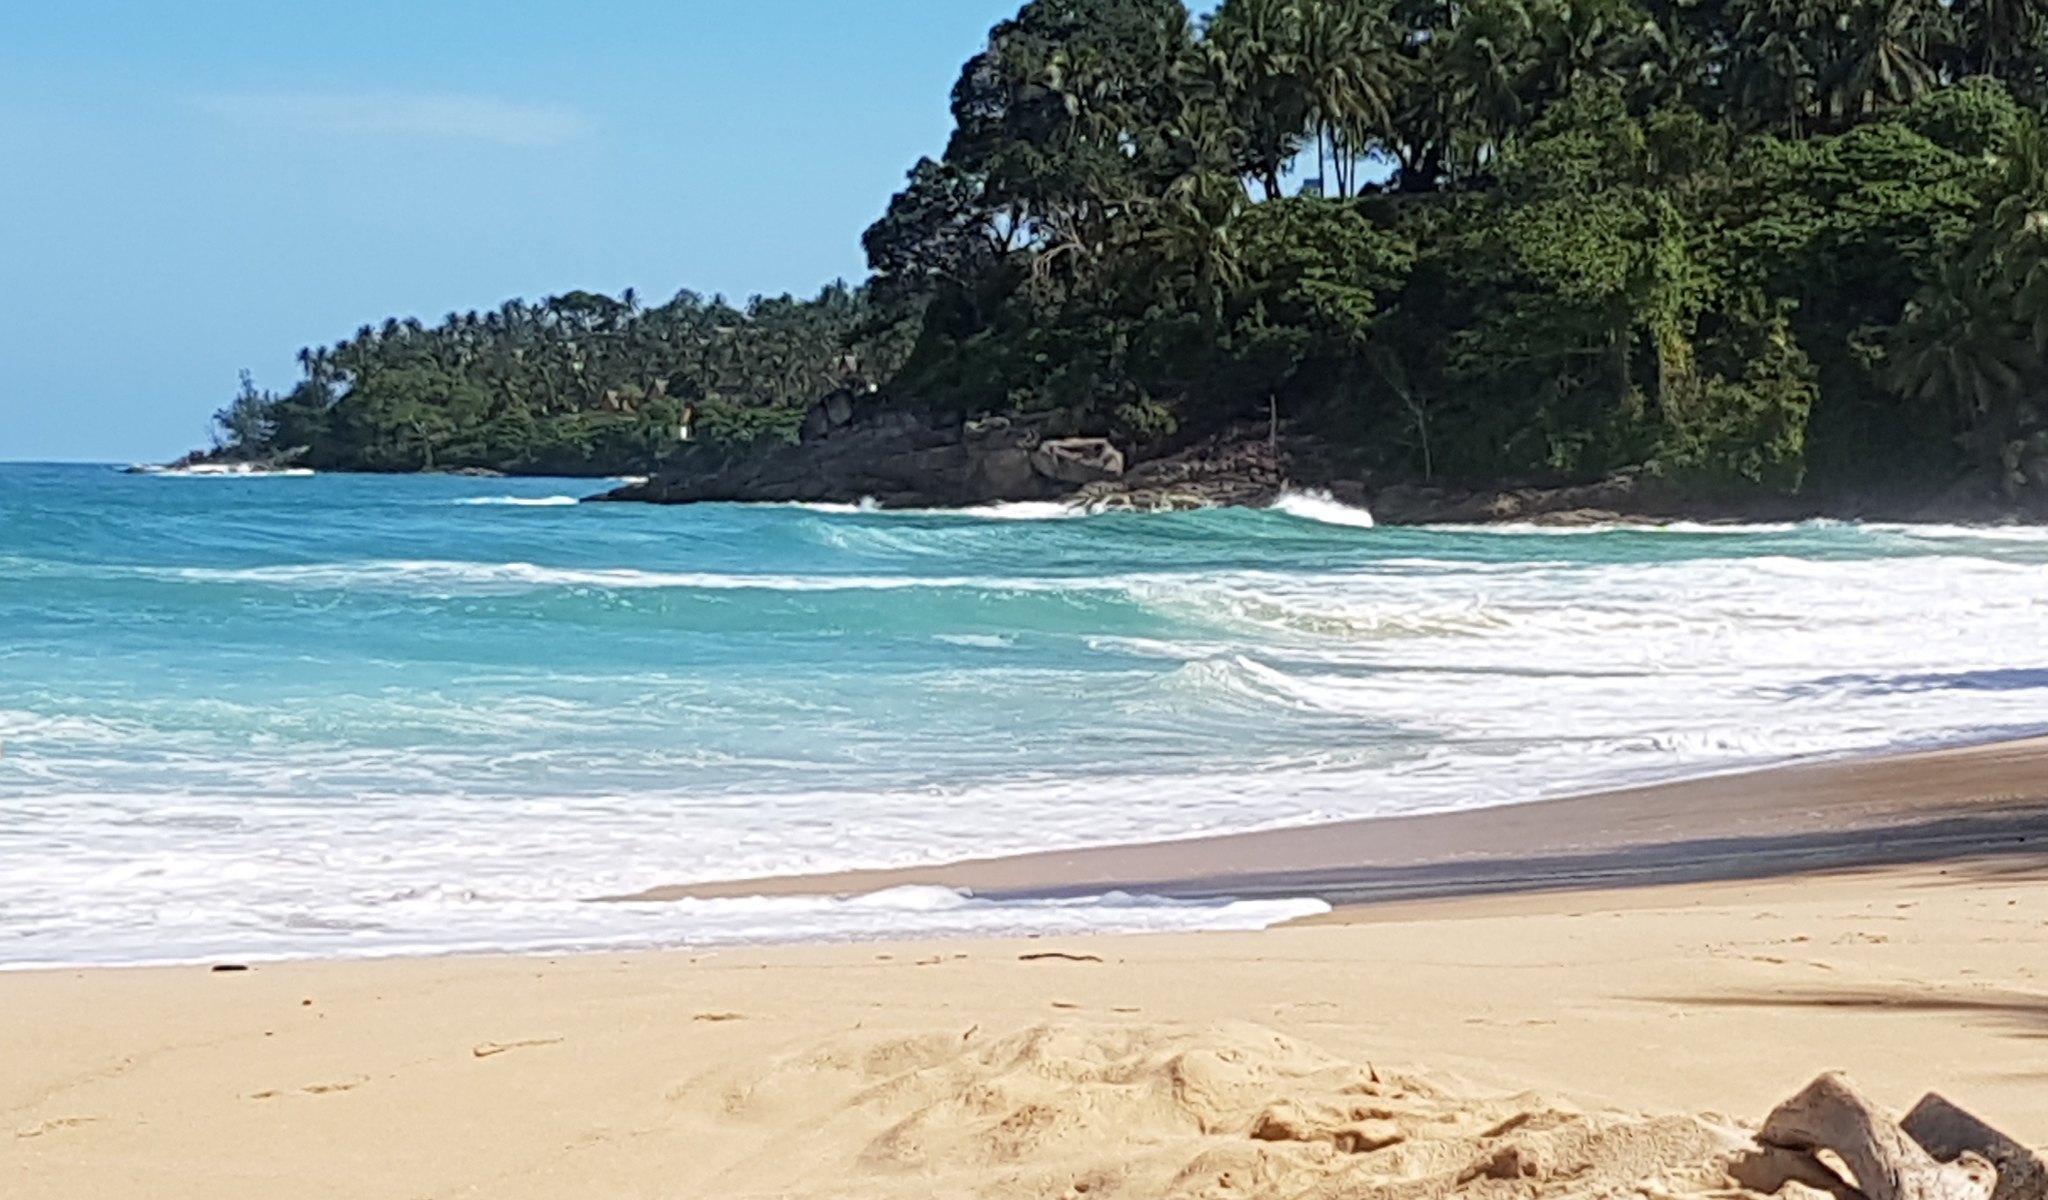 A beach in Phuket Island